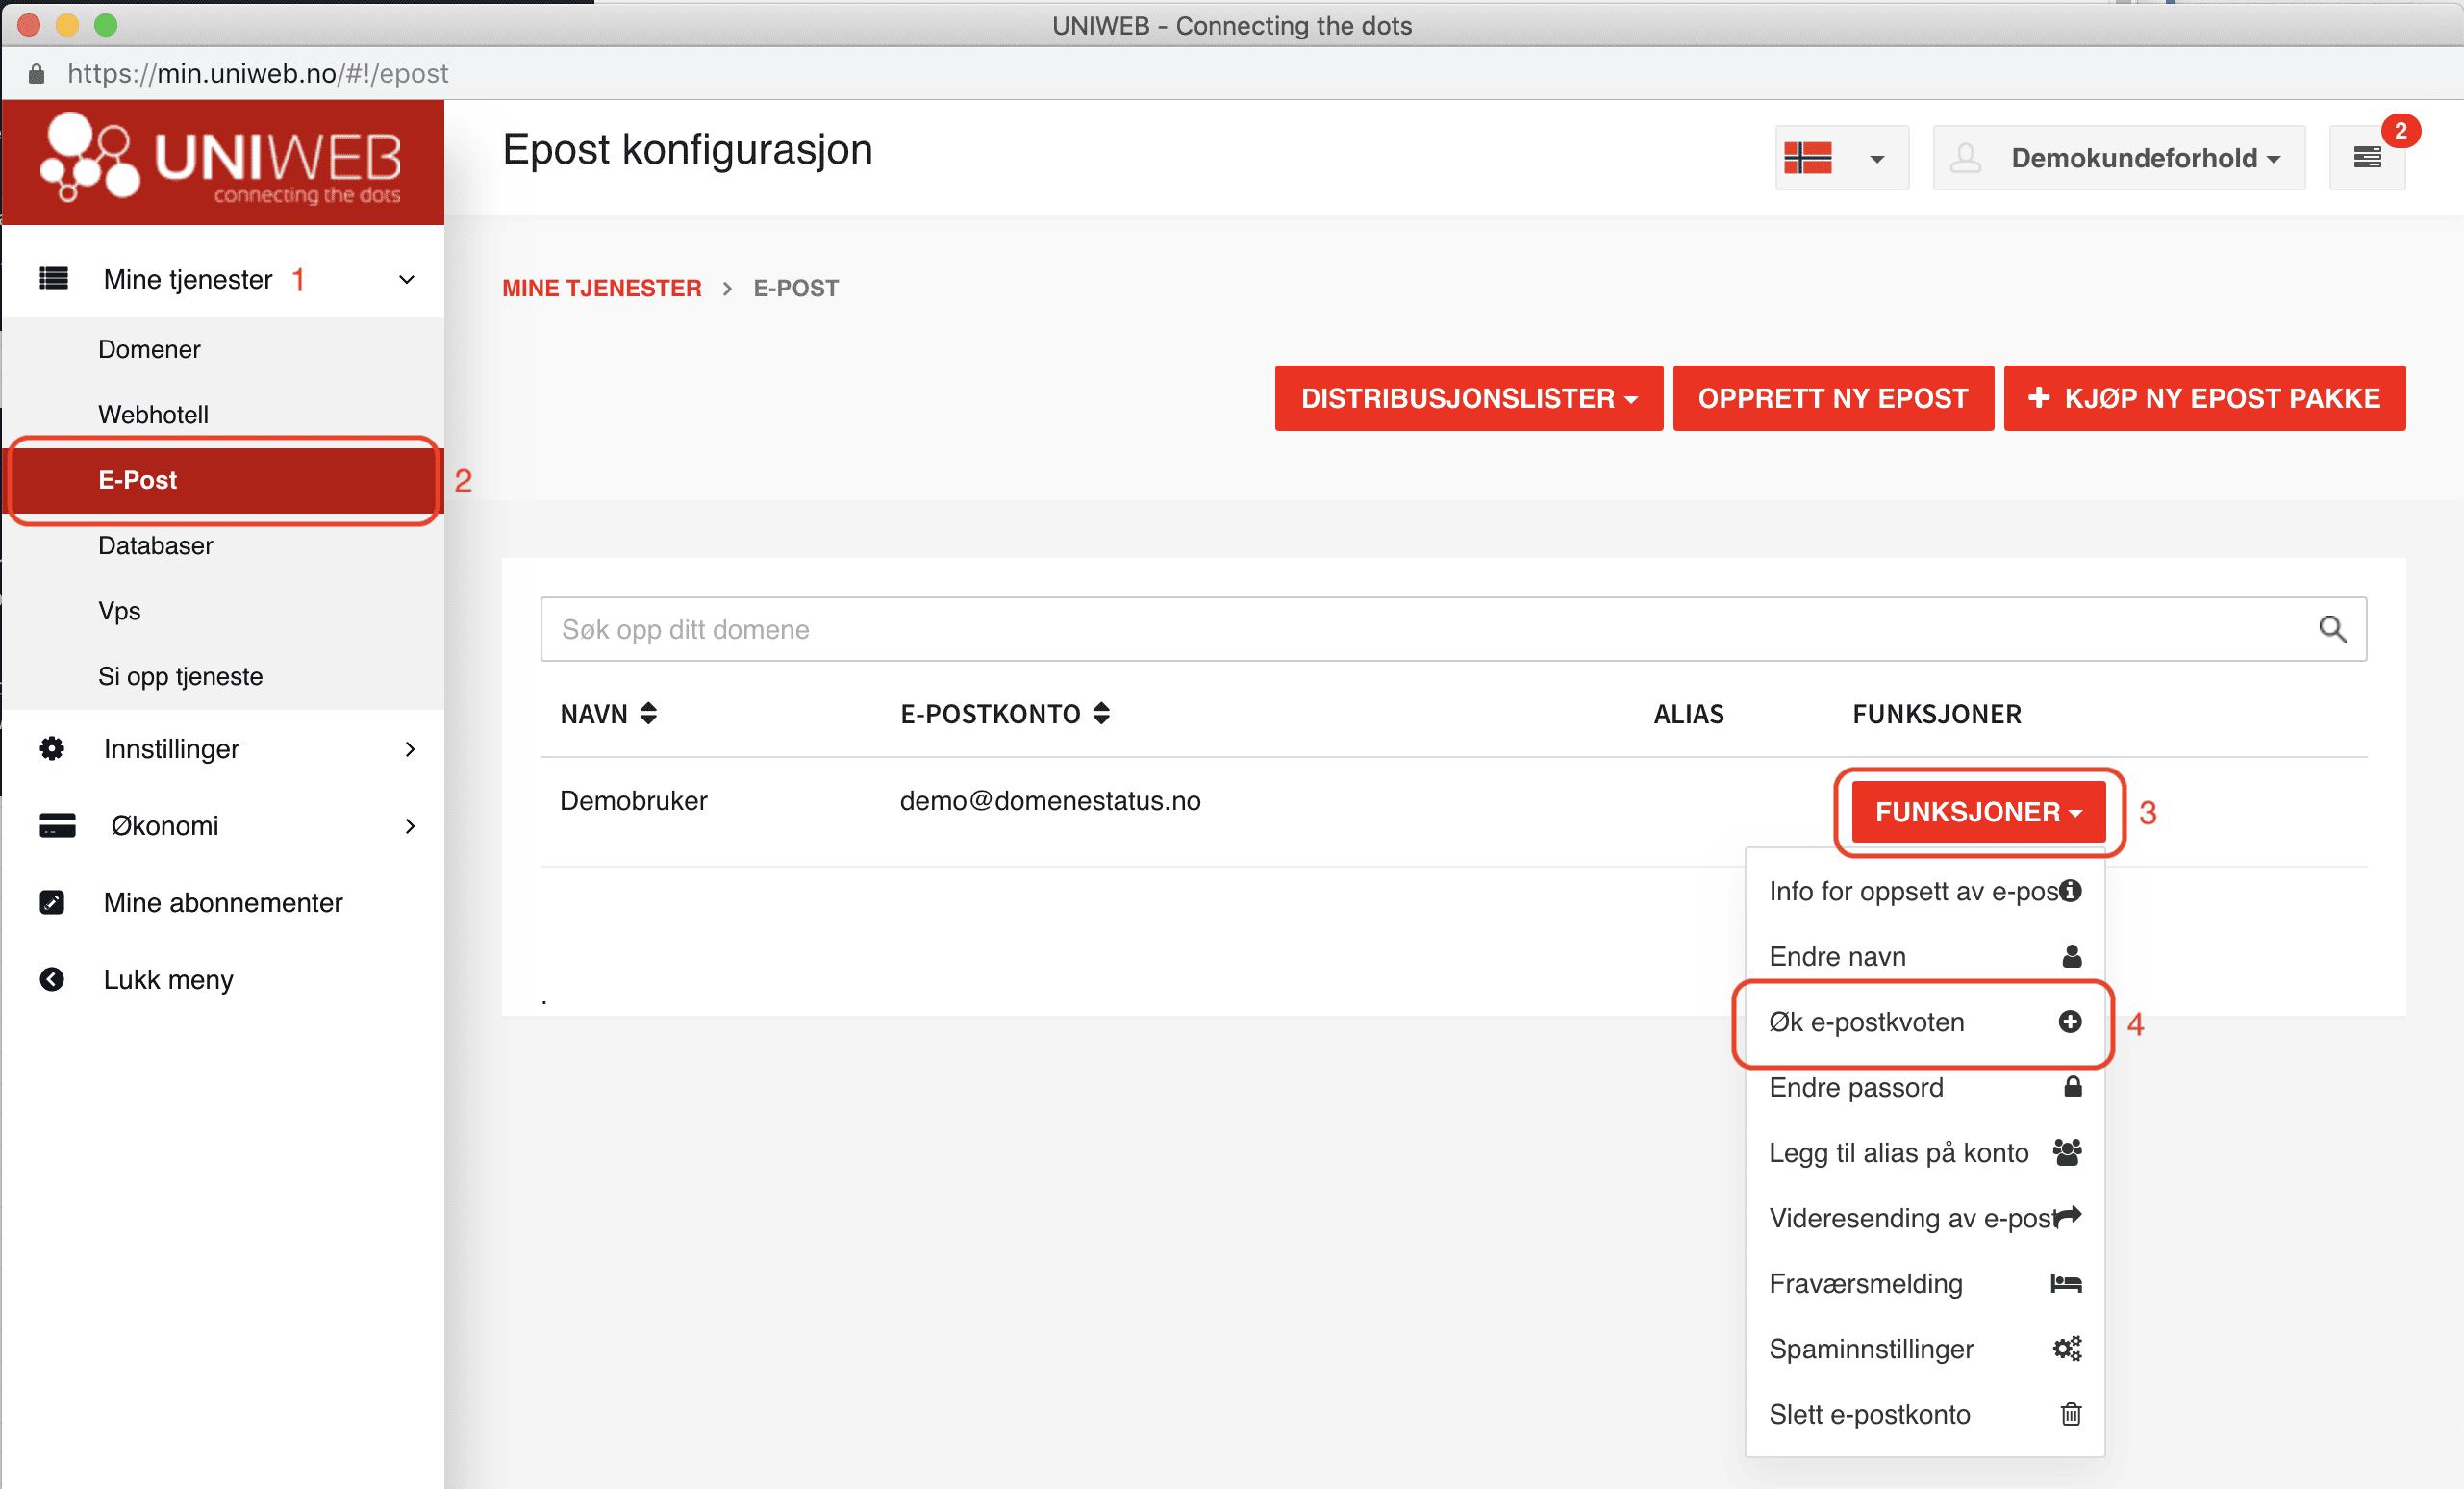 mailguide-oppgradere-kvote